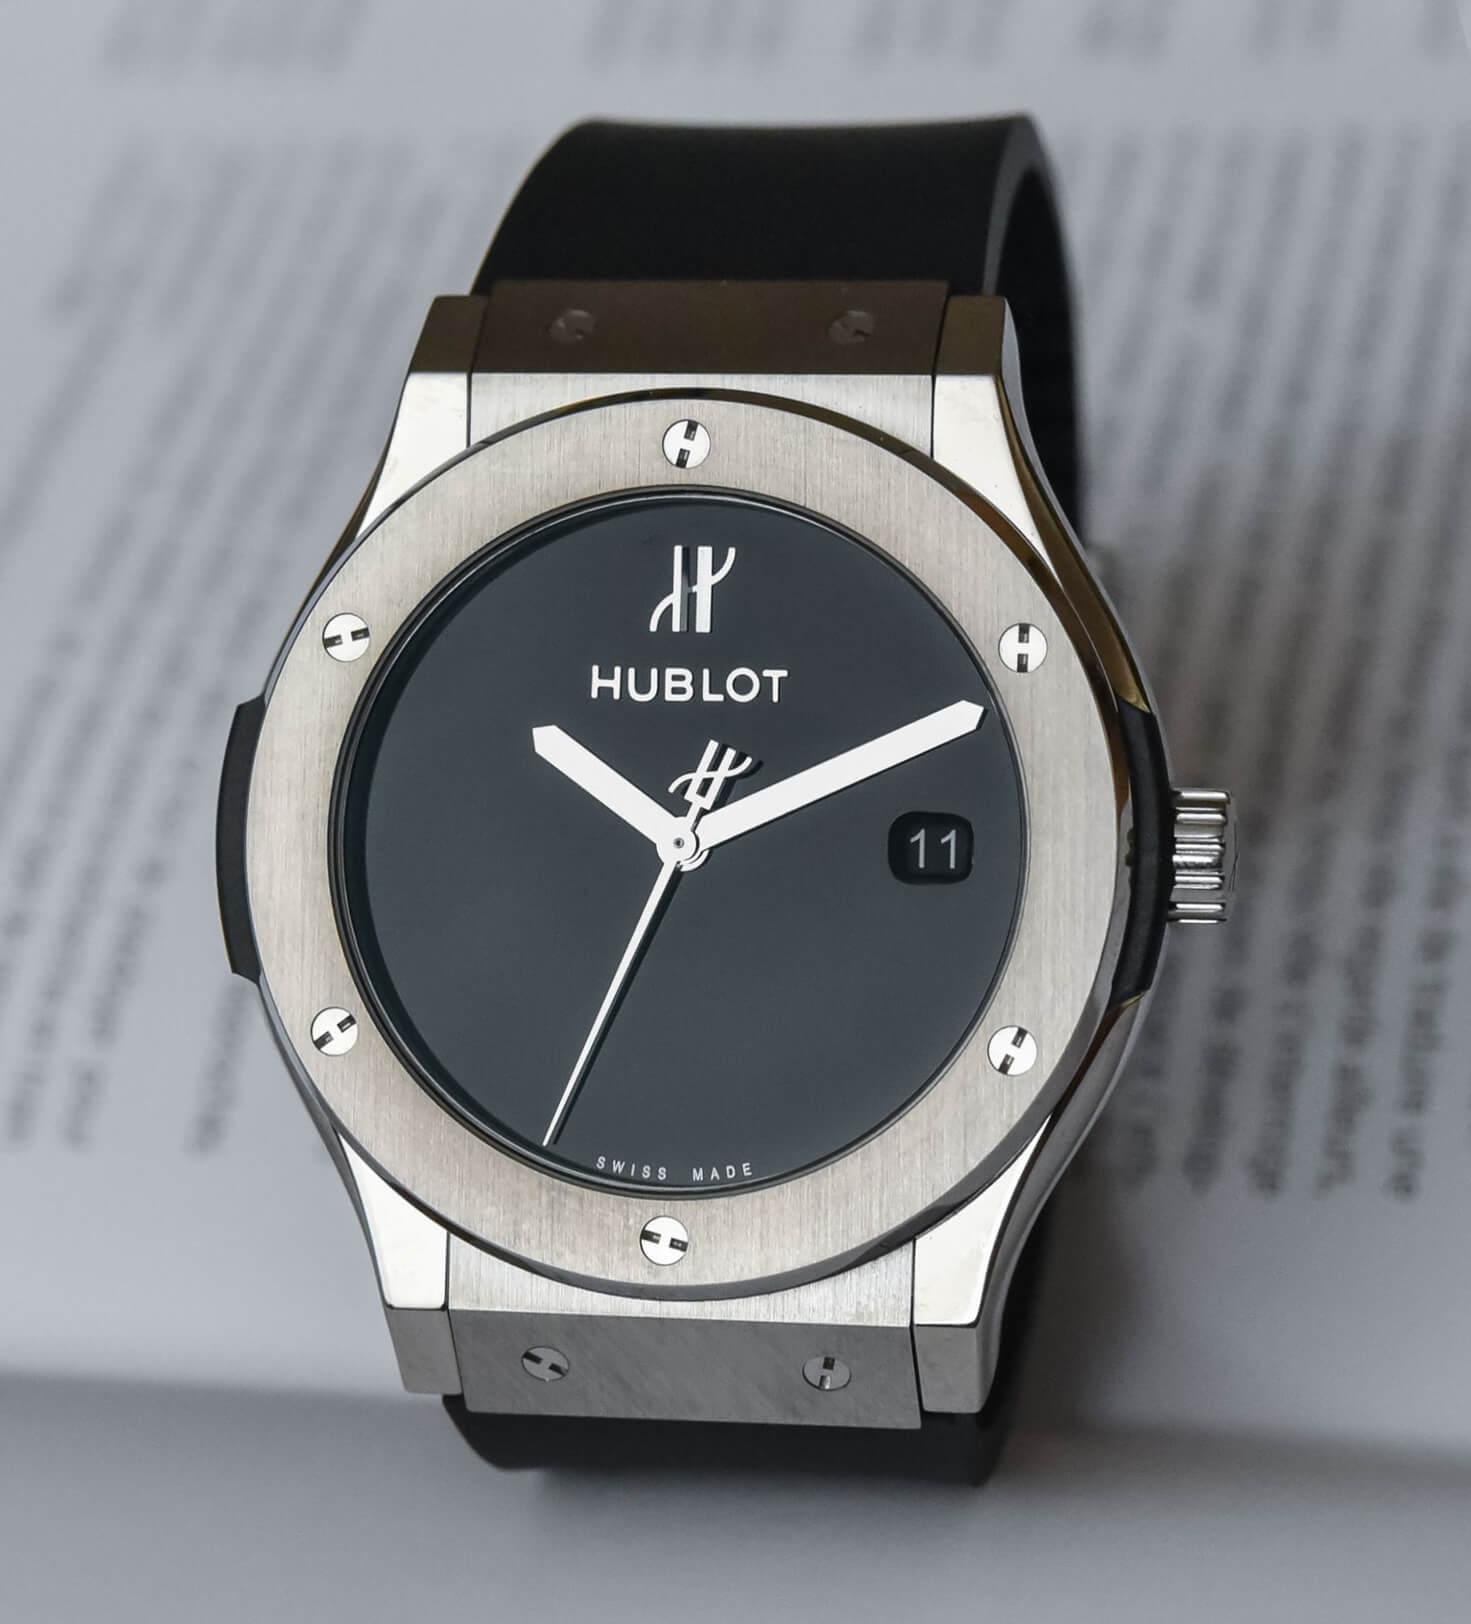 Мужские часы Hublot с круглым циферблатом